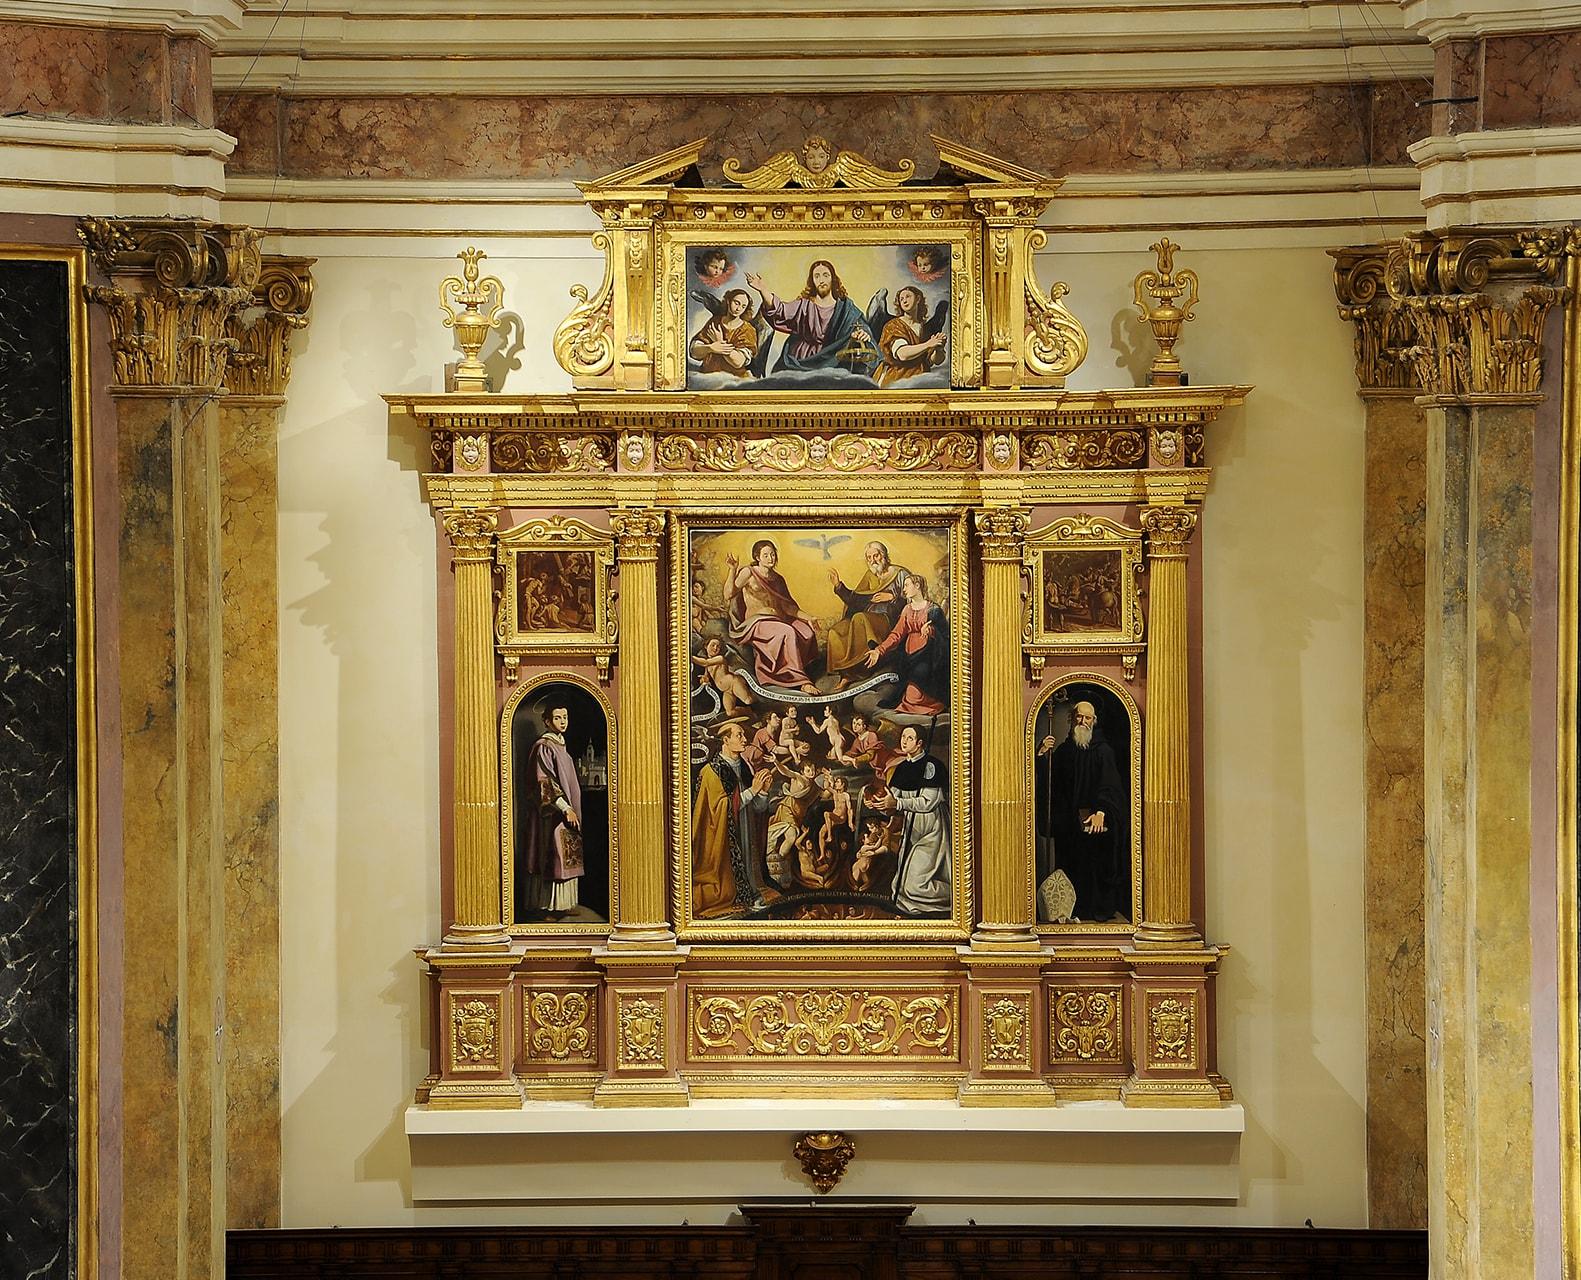 chiesa-santa-maria-suffragio-anime-sante-laquila-abruzzo-immagine-restauro-organo-12